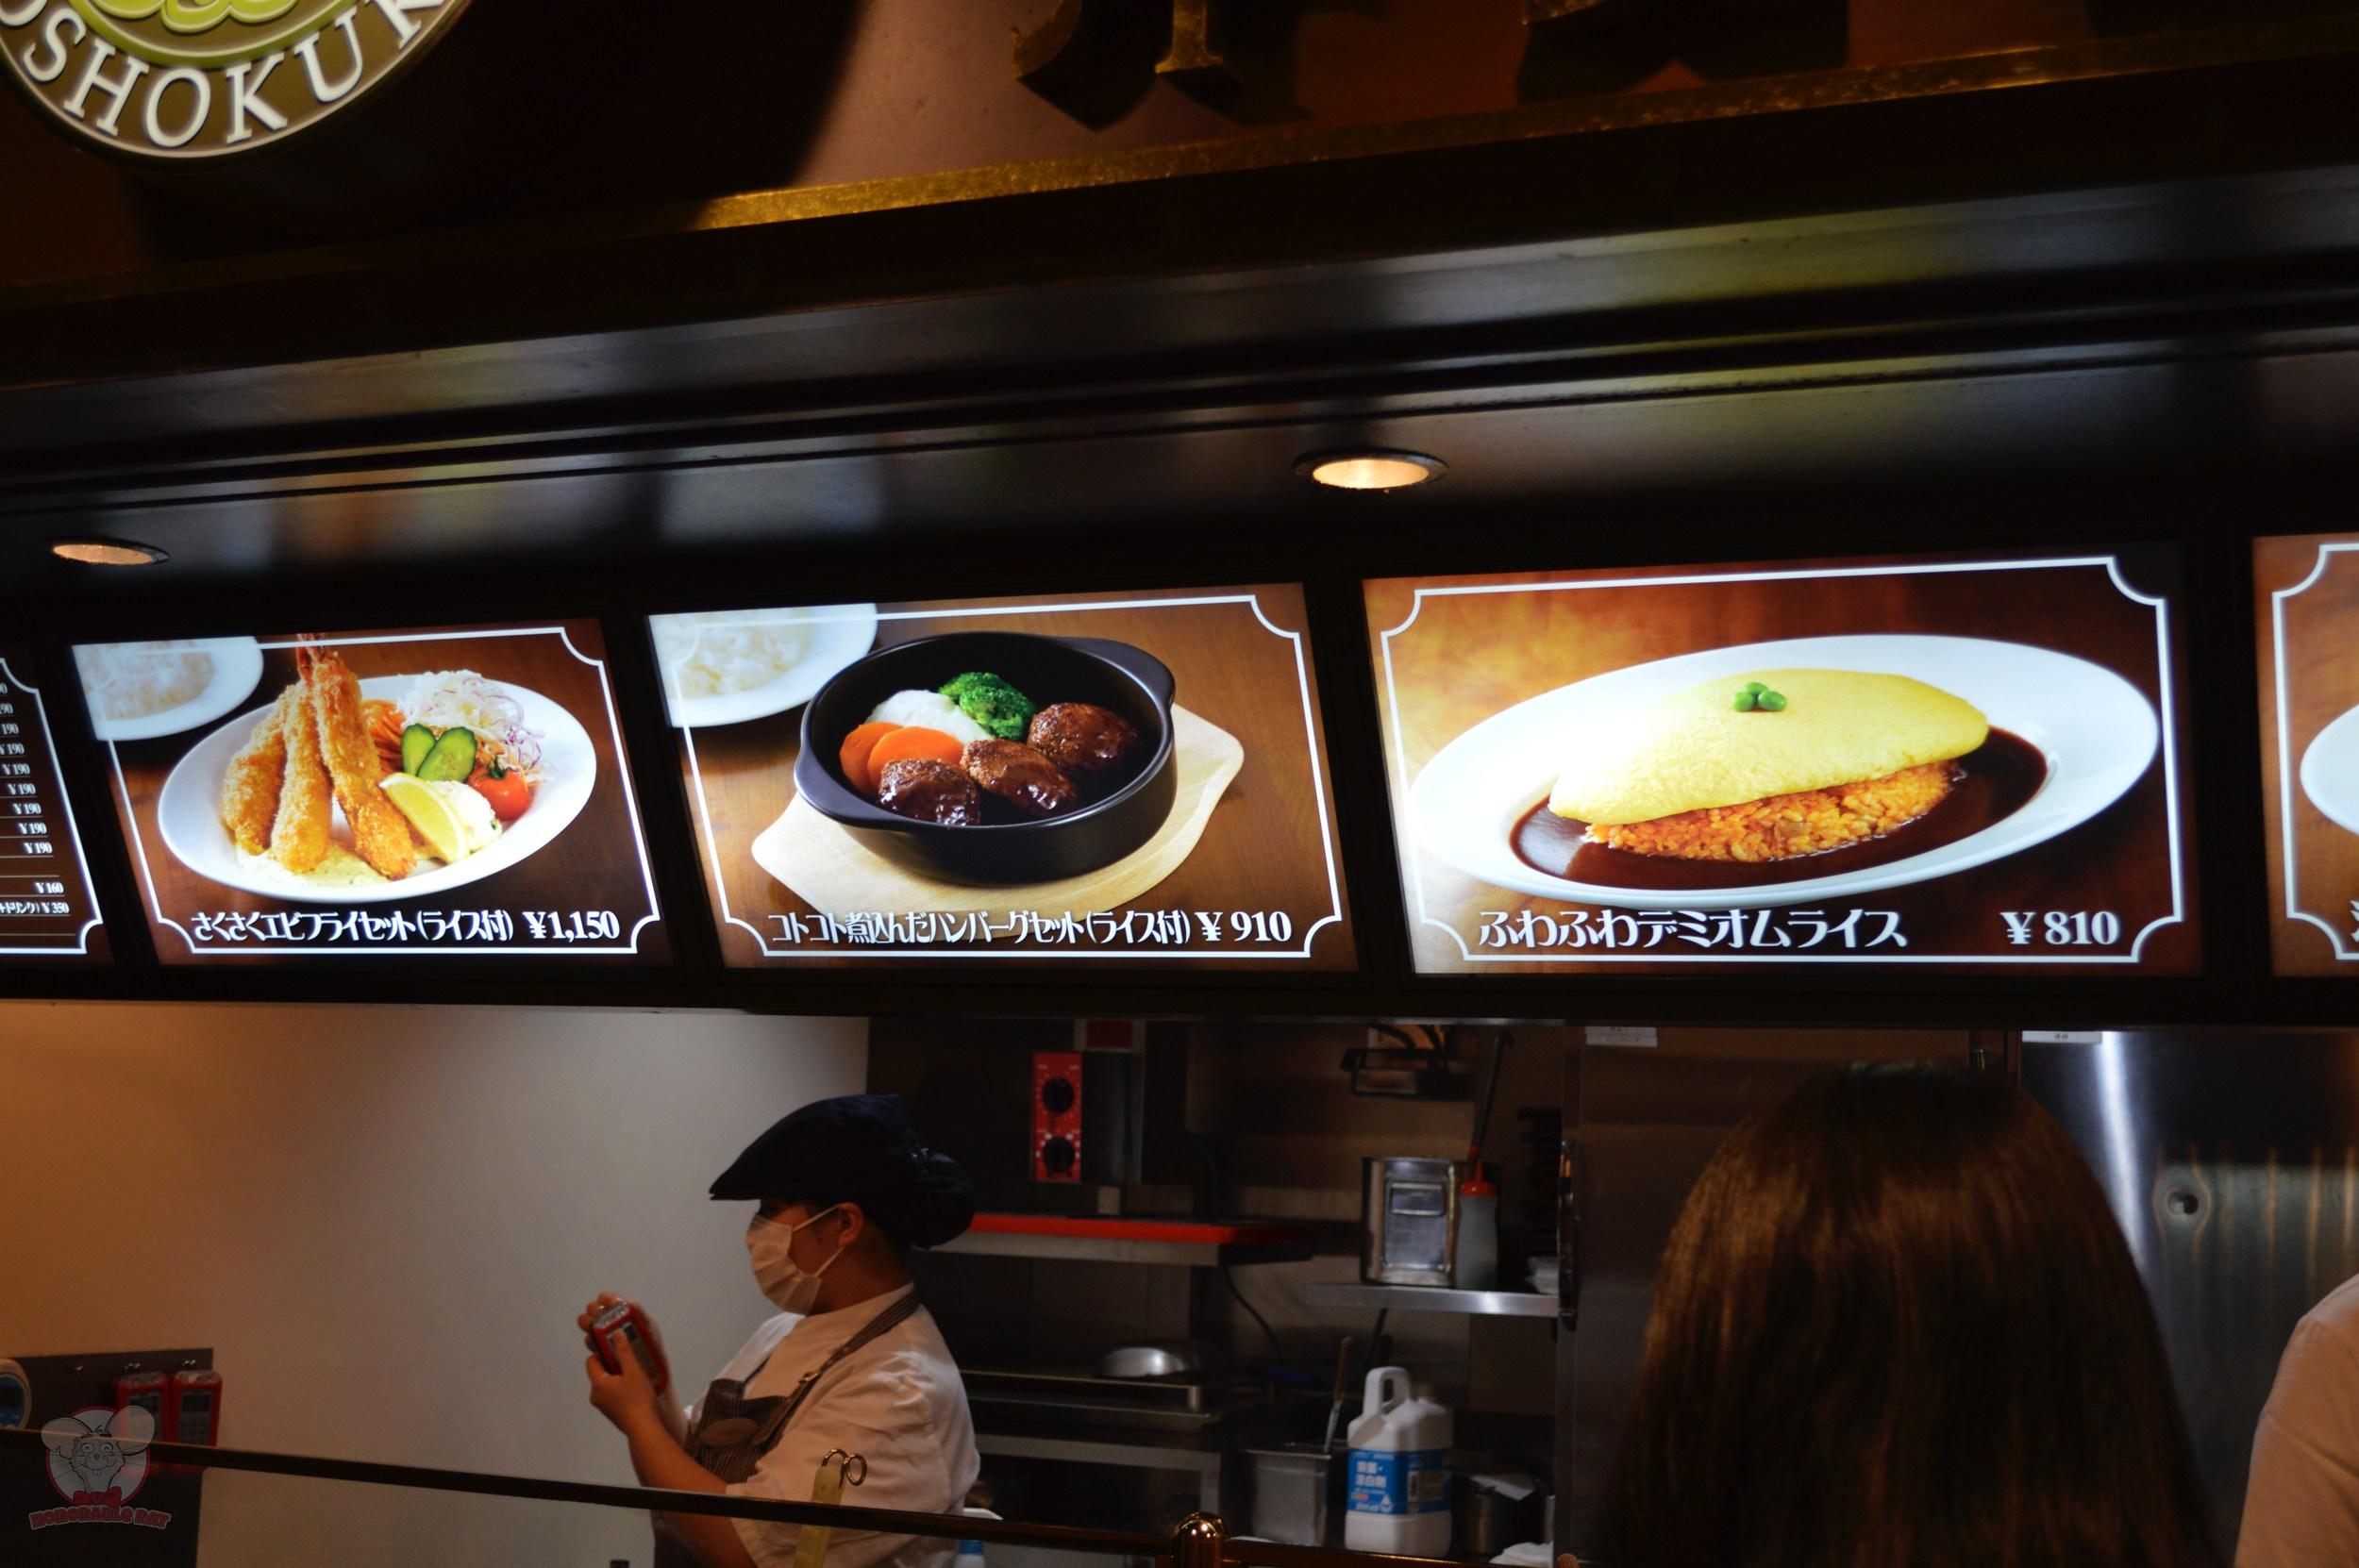 Maihama Yoshokuken's menu: B